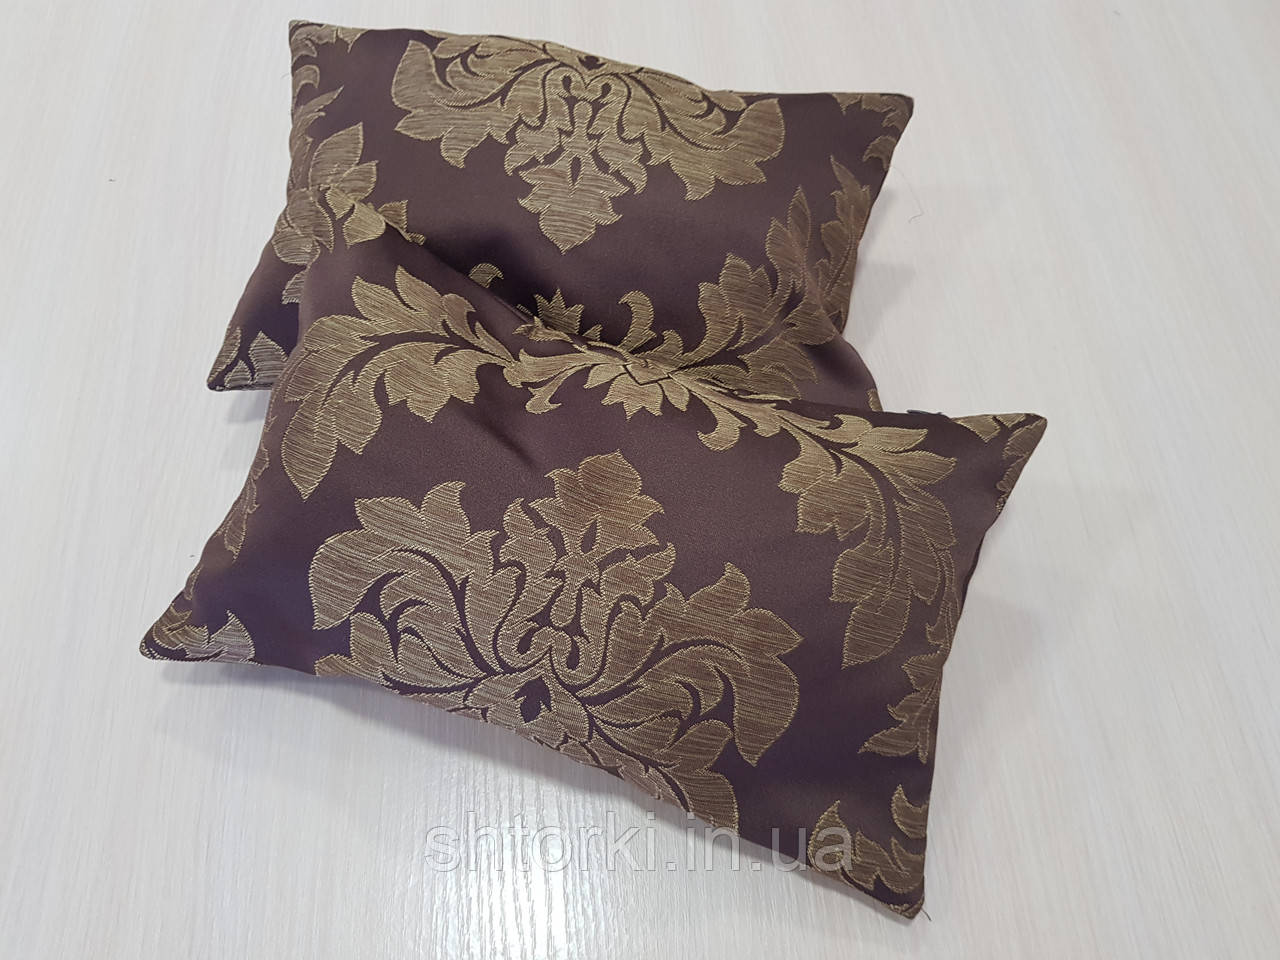 Комплект подушек  шоколадные с узором, 2шт